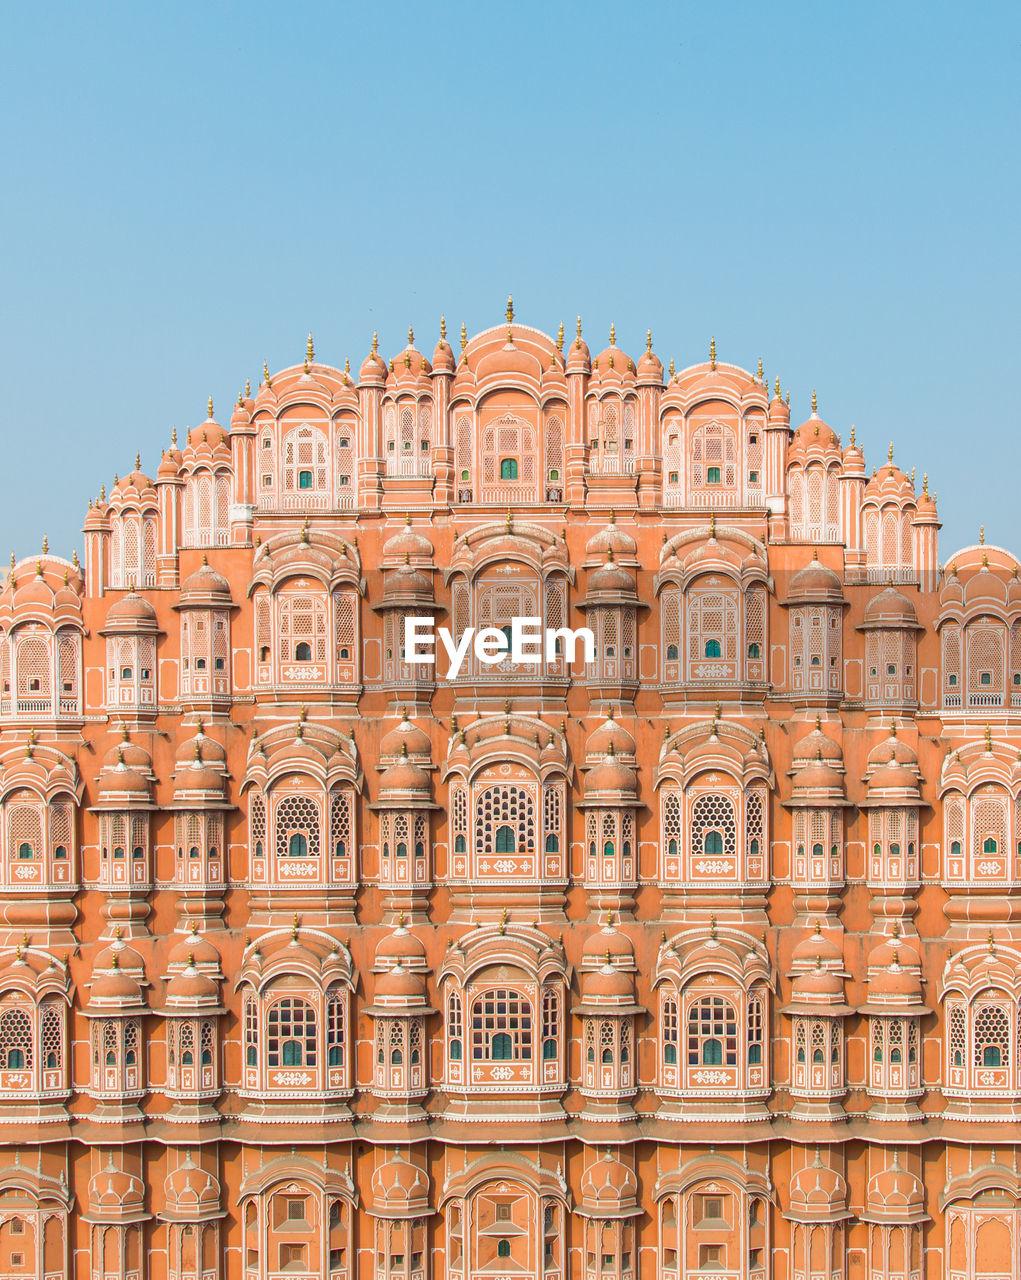 Hawa mahal, jaipur, india - wind palace